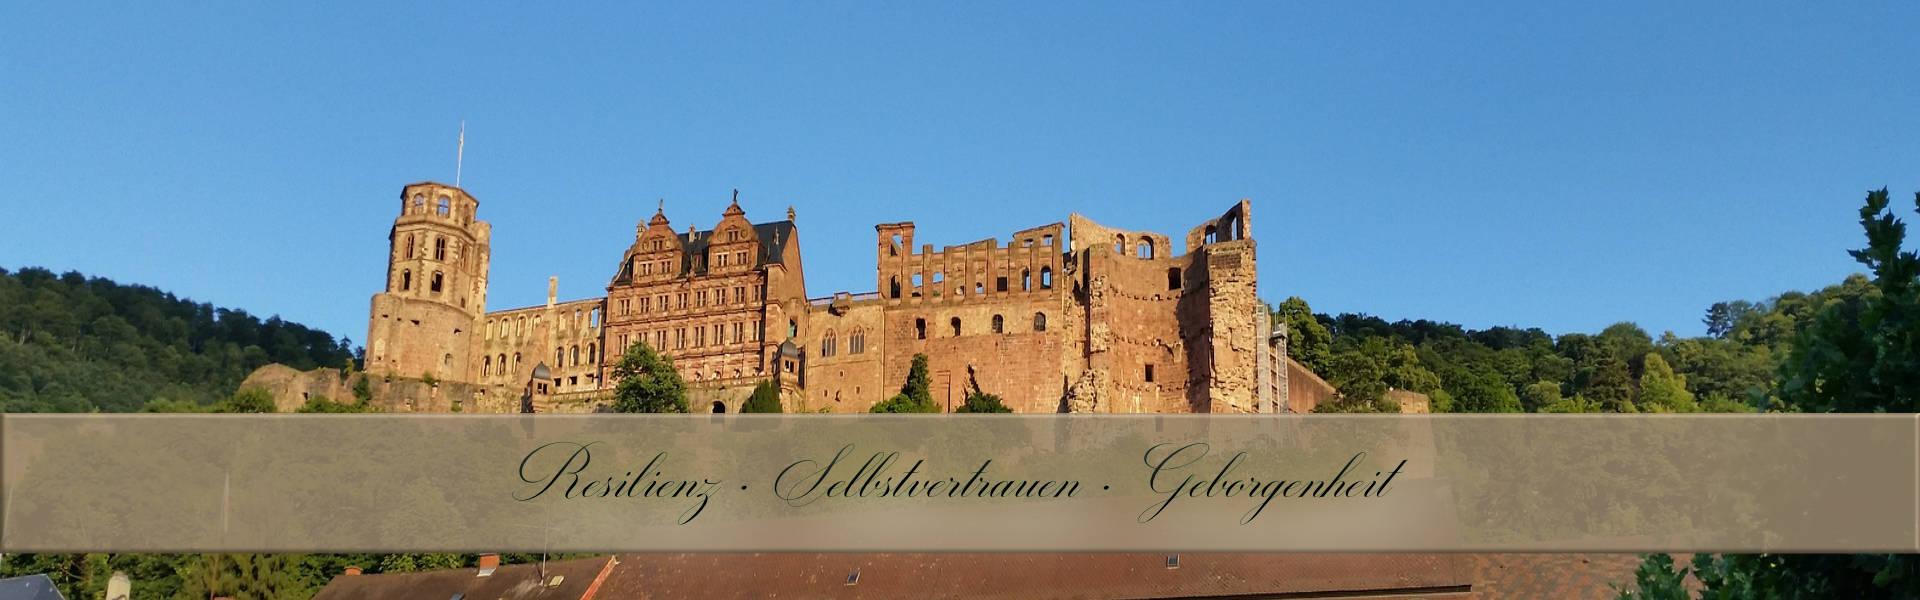 Hypnose Heidelberg Schloss